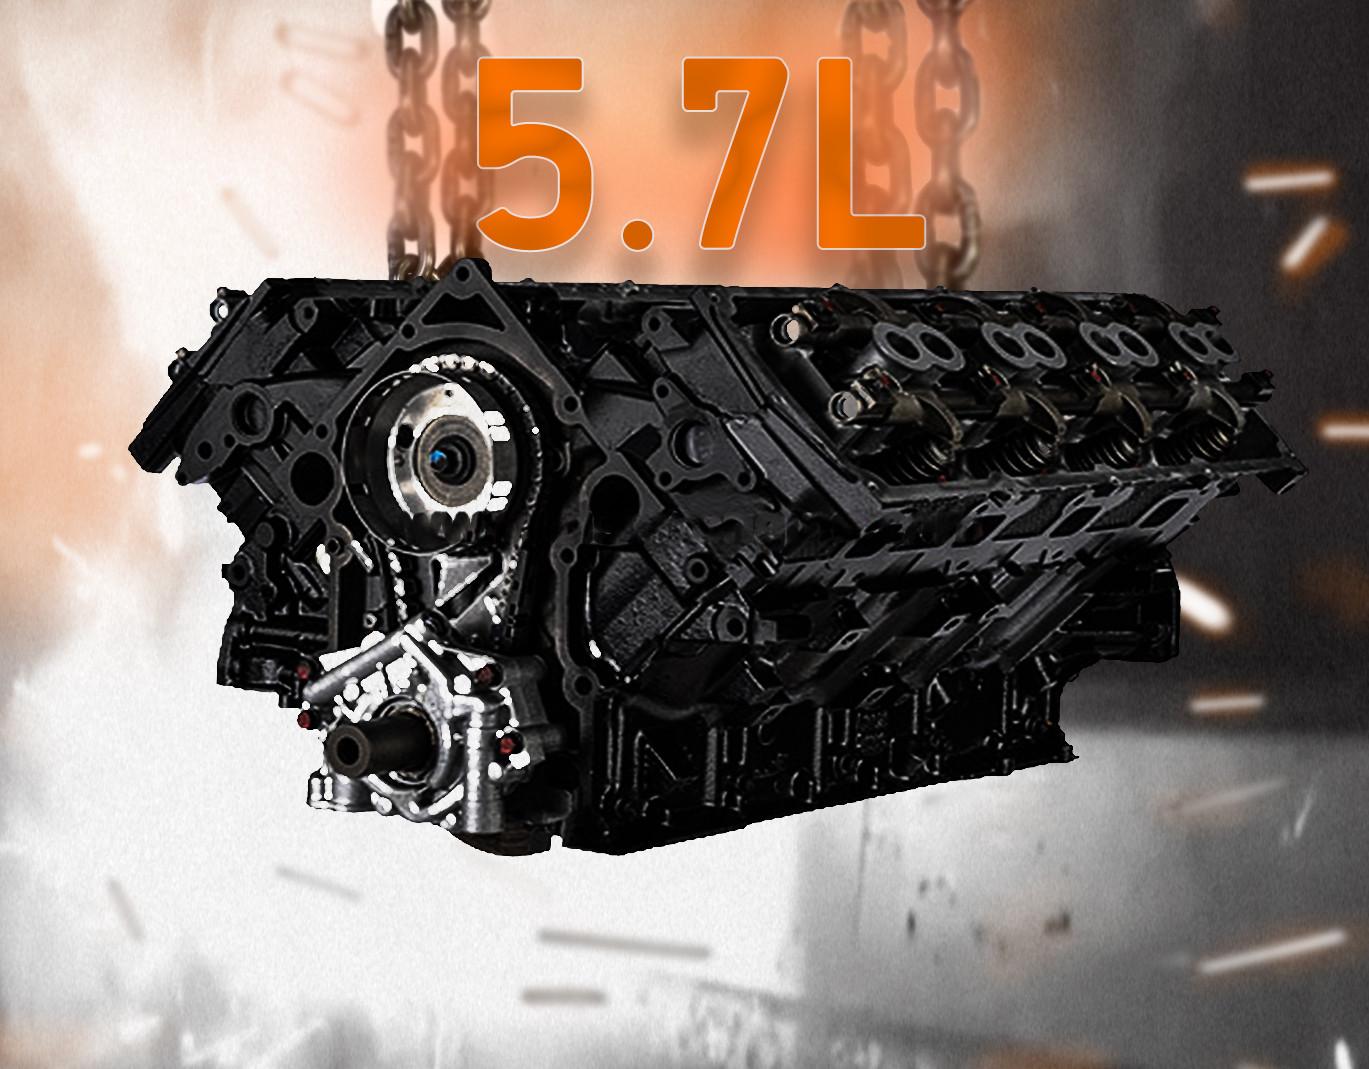 5 7l Hemi Engine